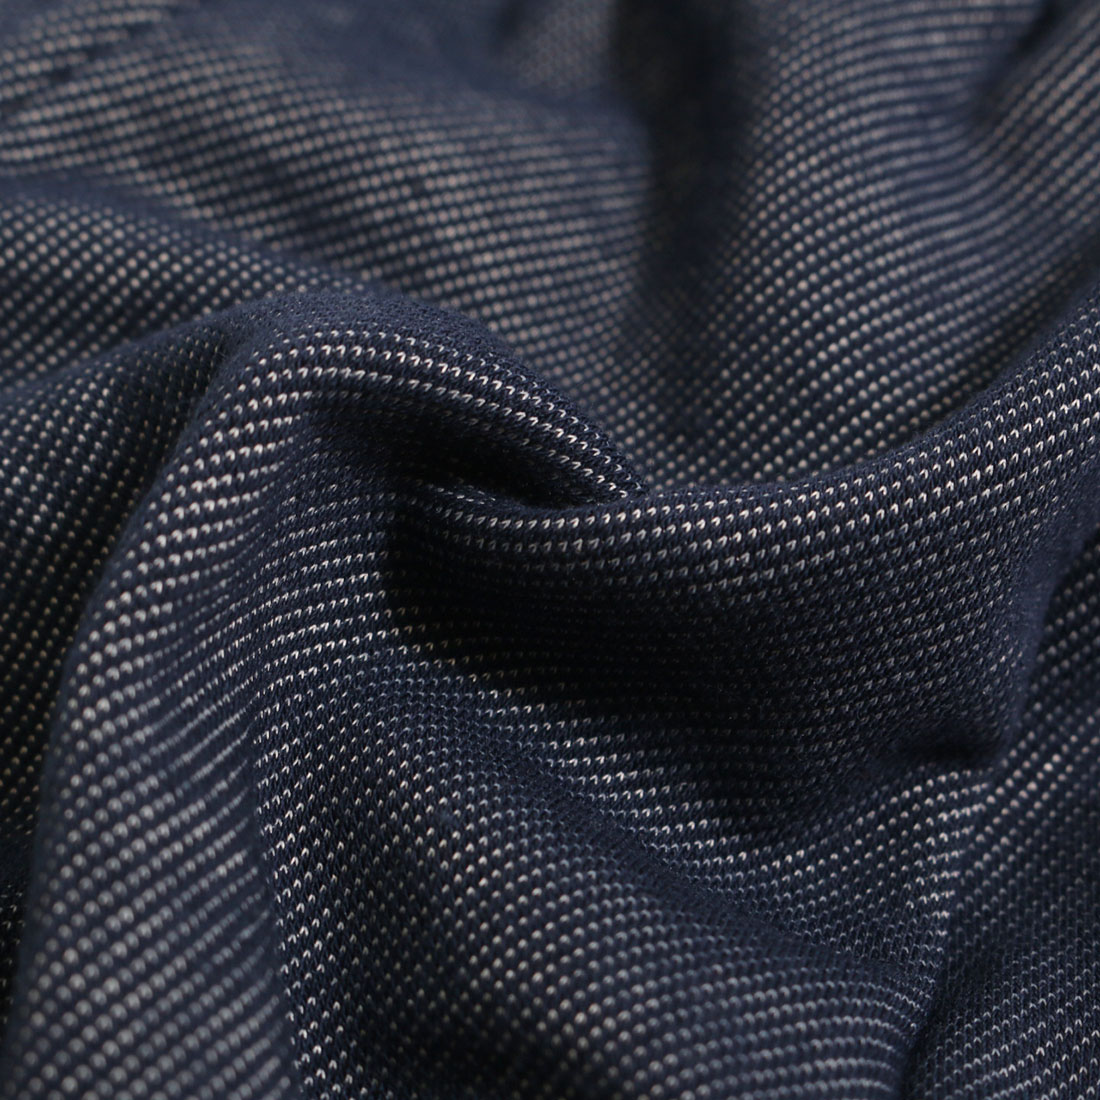 暖パン ウォームラインジョガーパンツ(150cm S M L)裏起毛 スウェット パンツ メール便不可